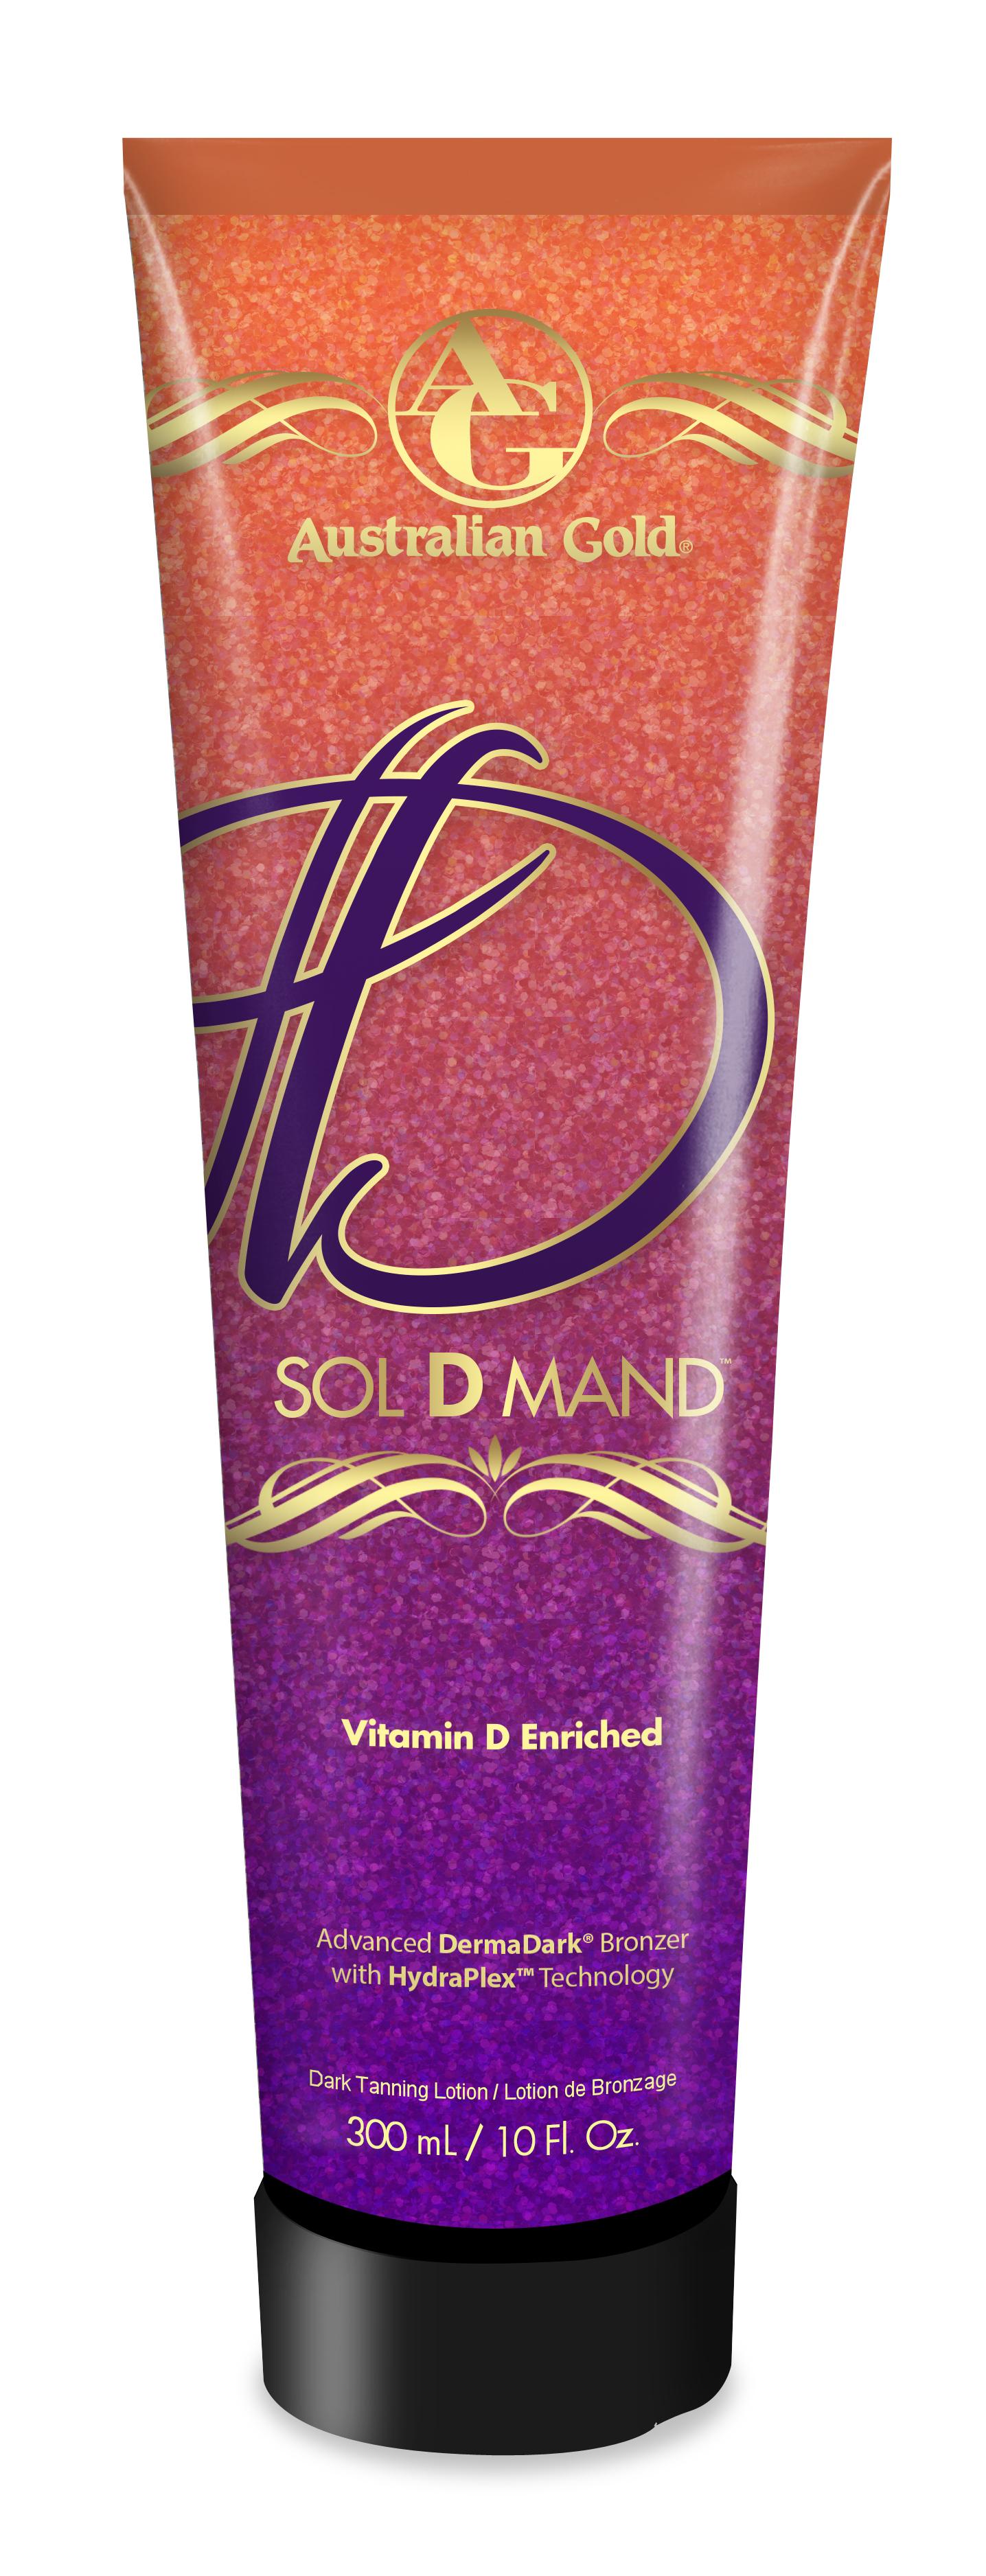 Sol D Mand™ Advanced DermaDark® Bronzer